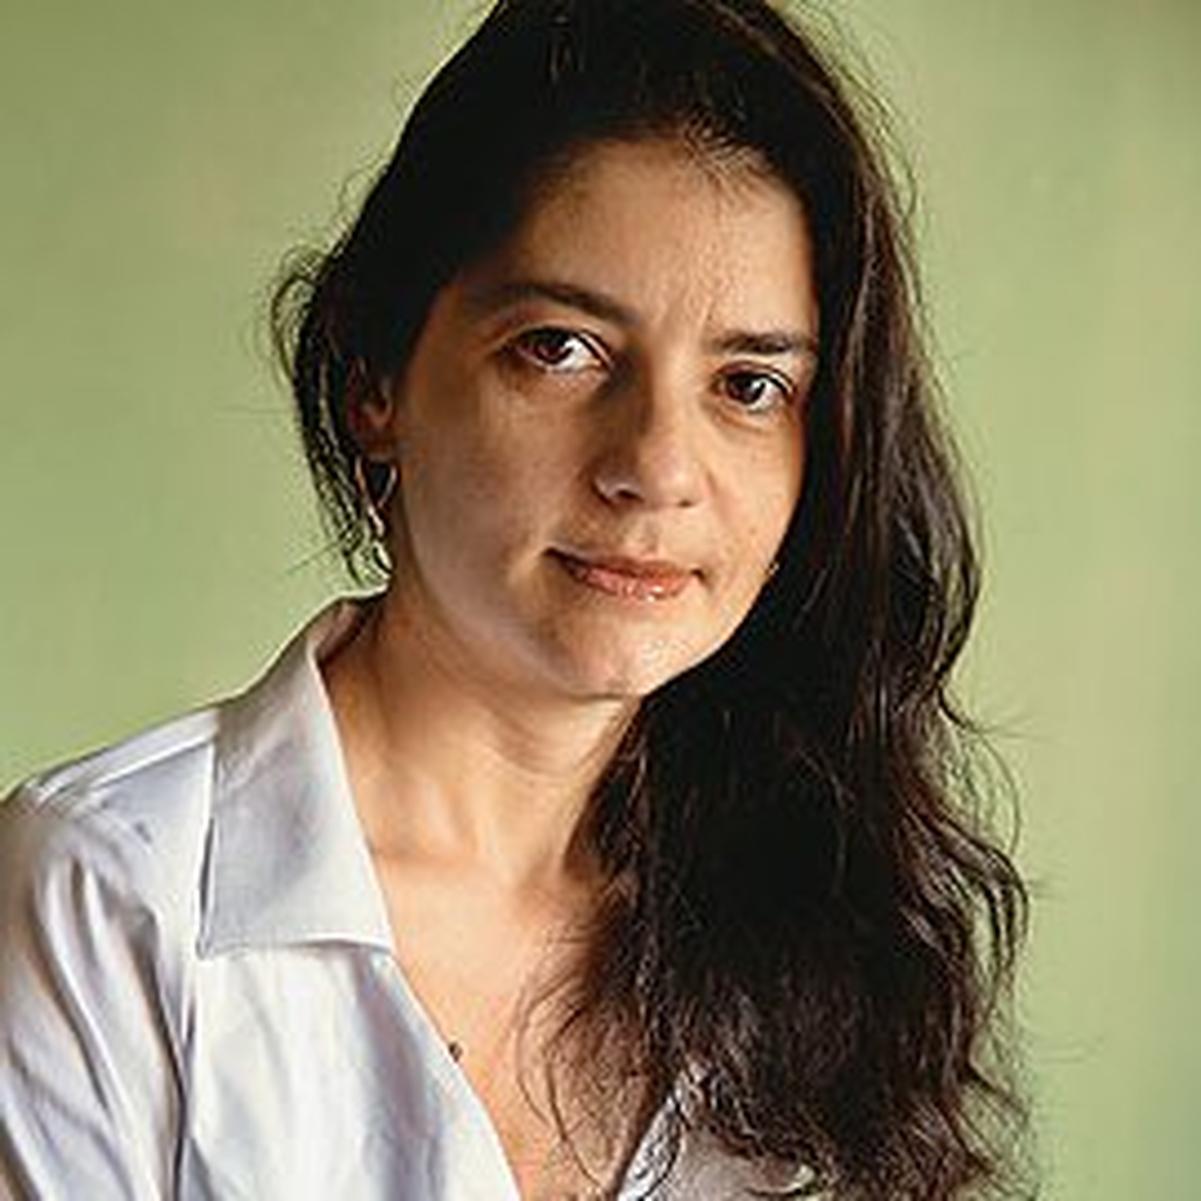 Suzana Herculano Houzel